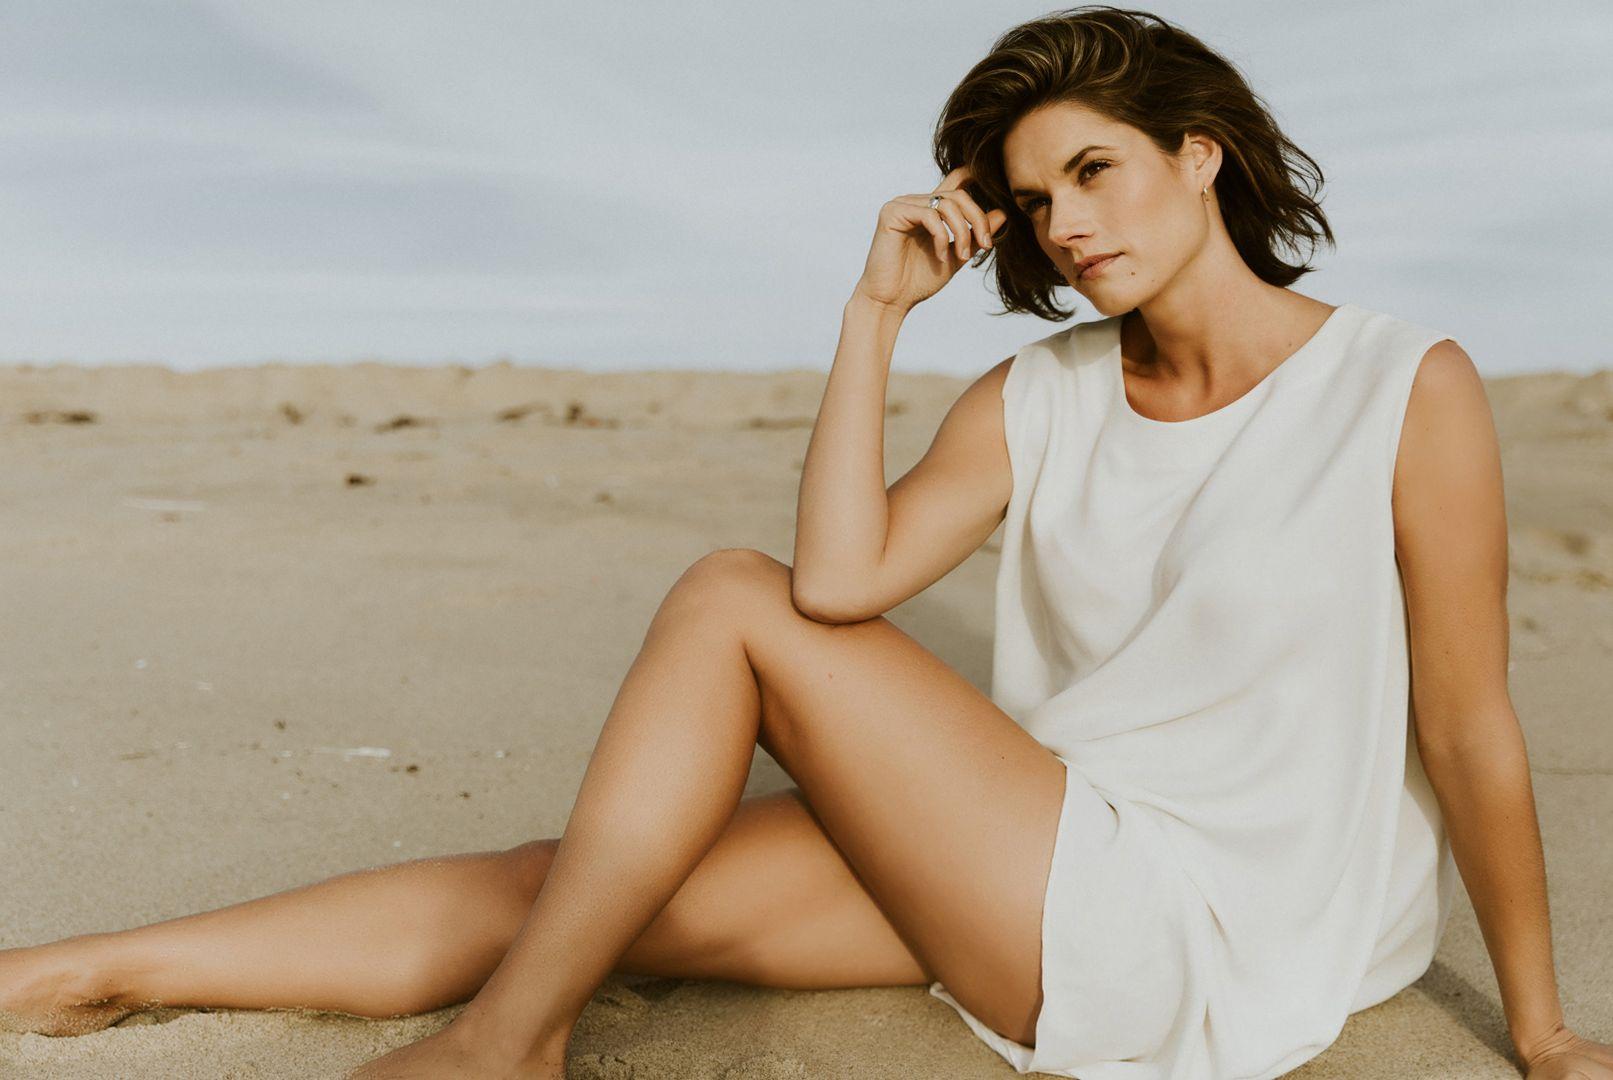 Missy Peregrym sitting on beach sand